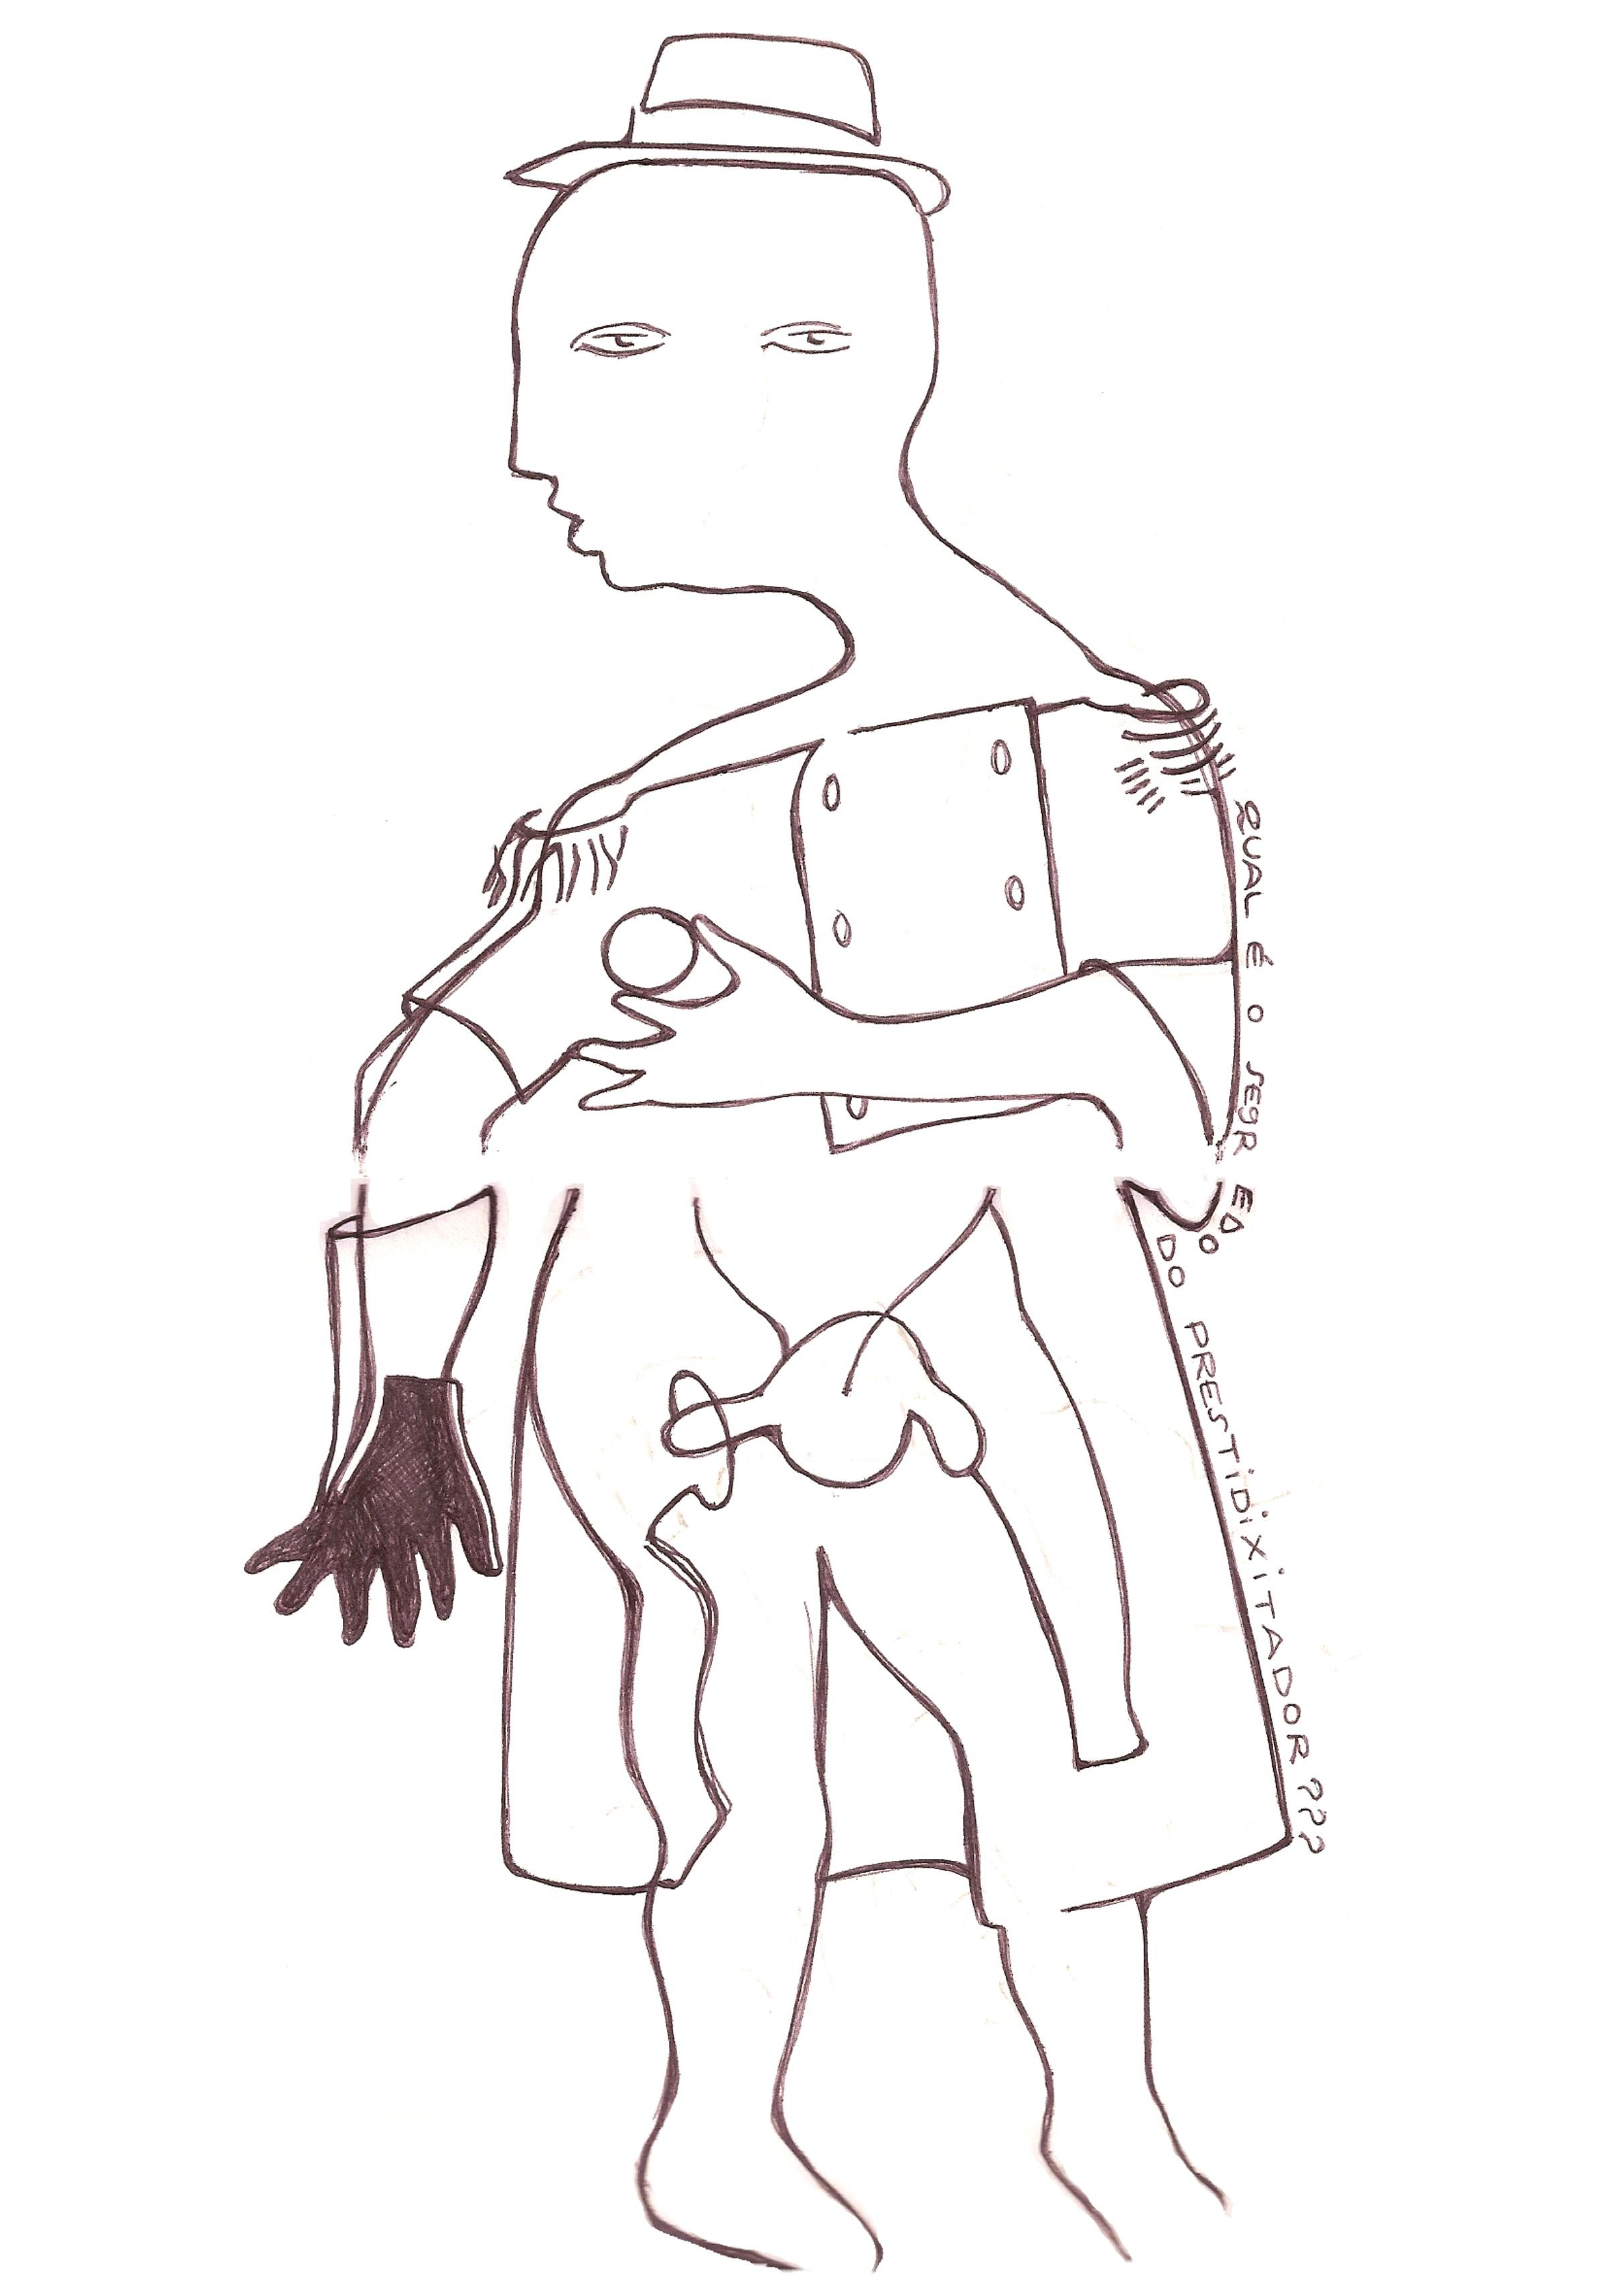 Ladislau da Regueira   As'stâncias em Mosty 07 # Pertidixitador   2005